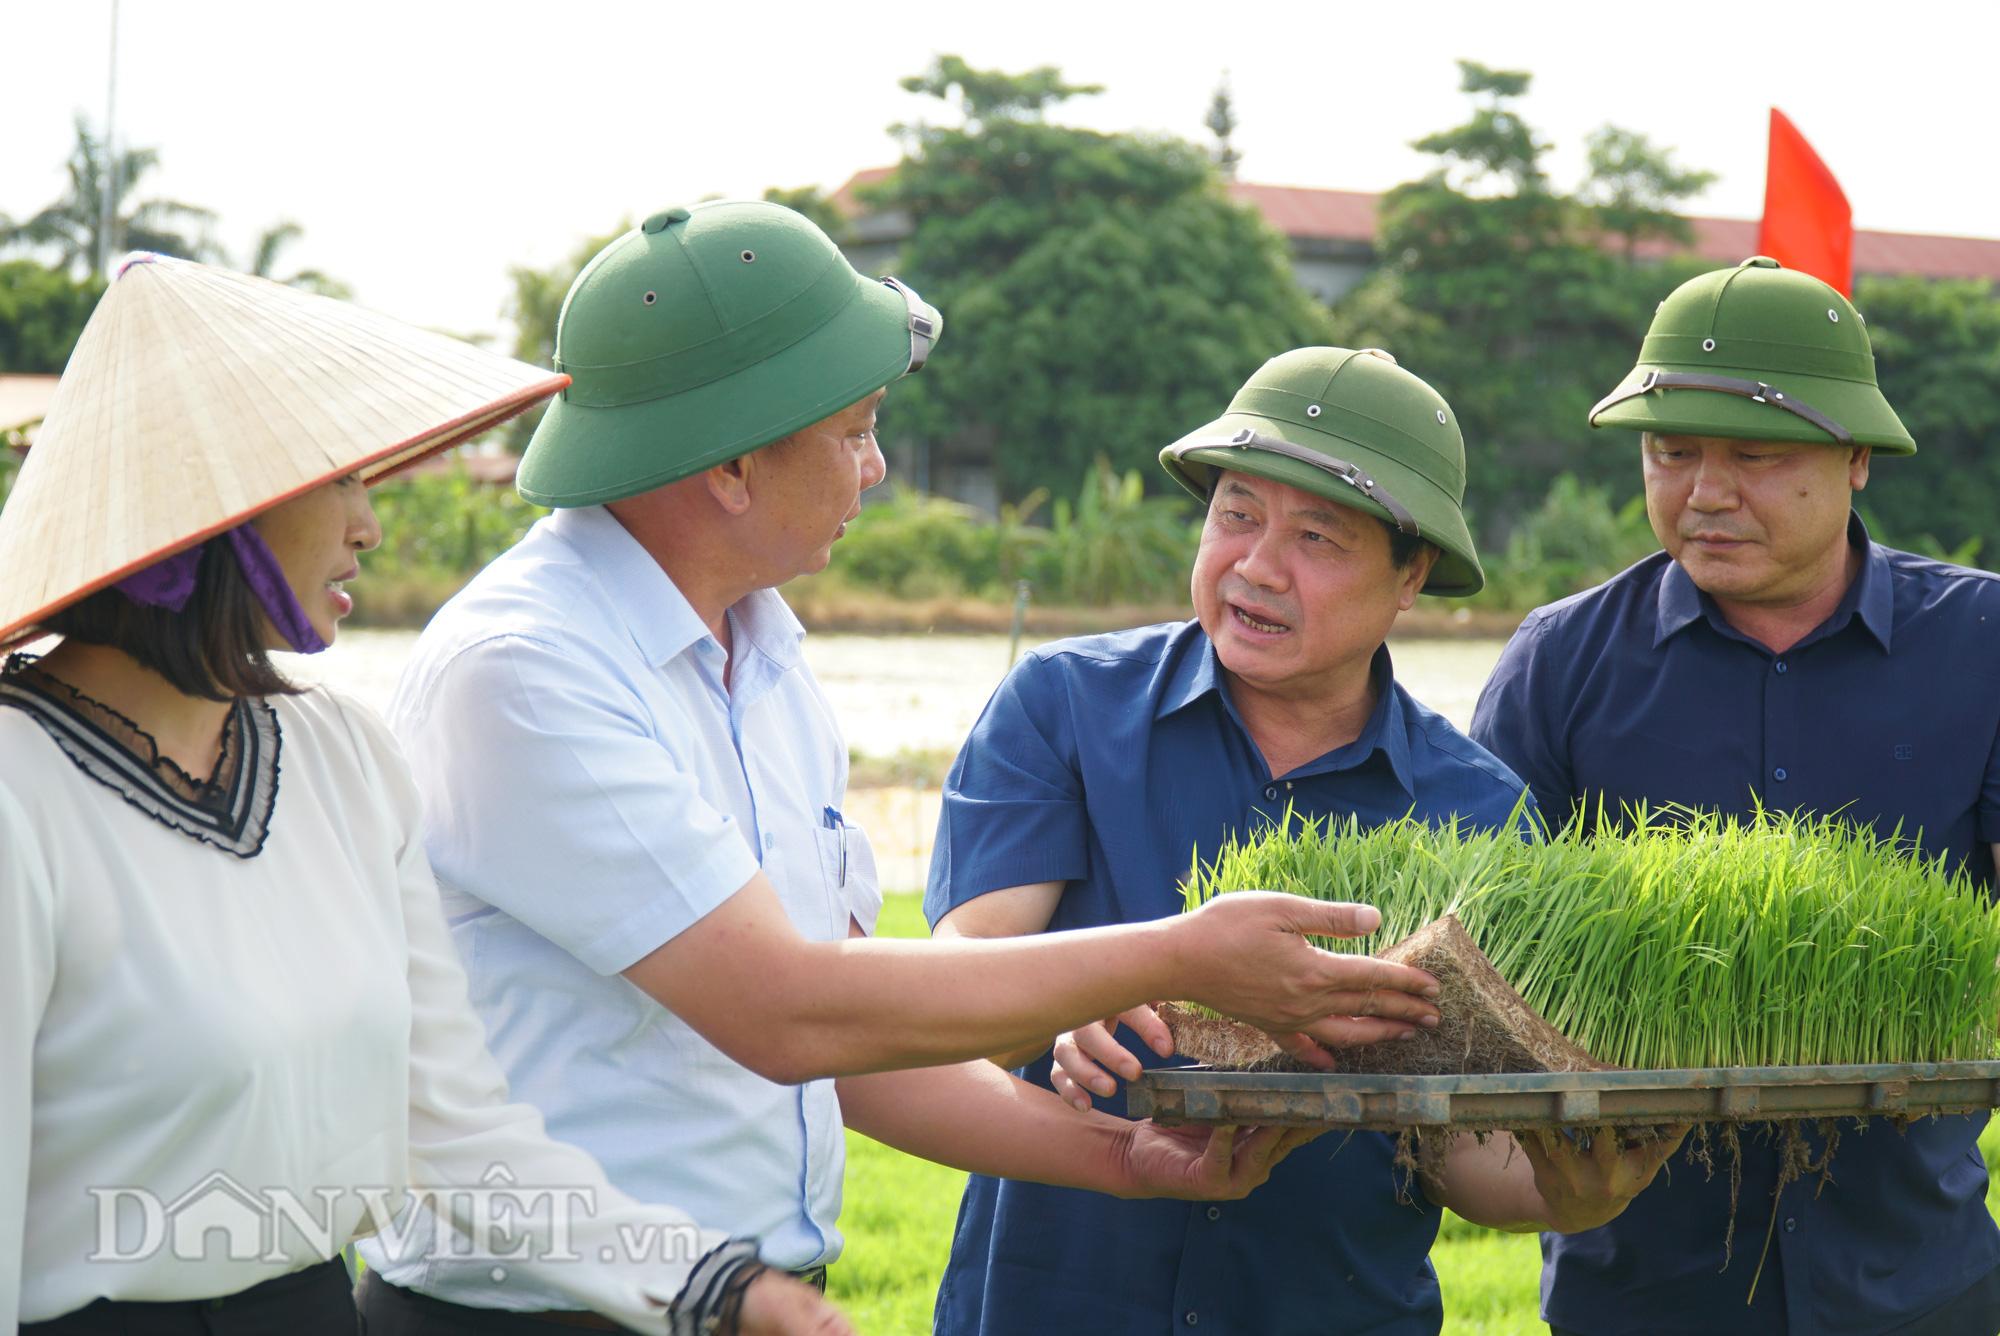 Hải Dương: Lần đầu tiên trình diễn máy cấy lúa trên đồng ruộng - Ảnh 4.